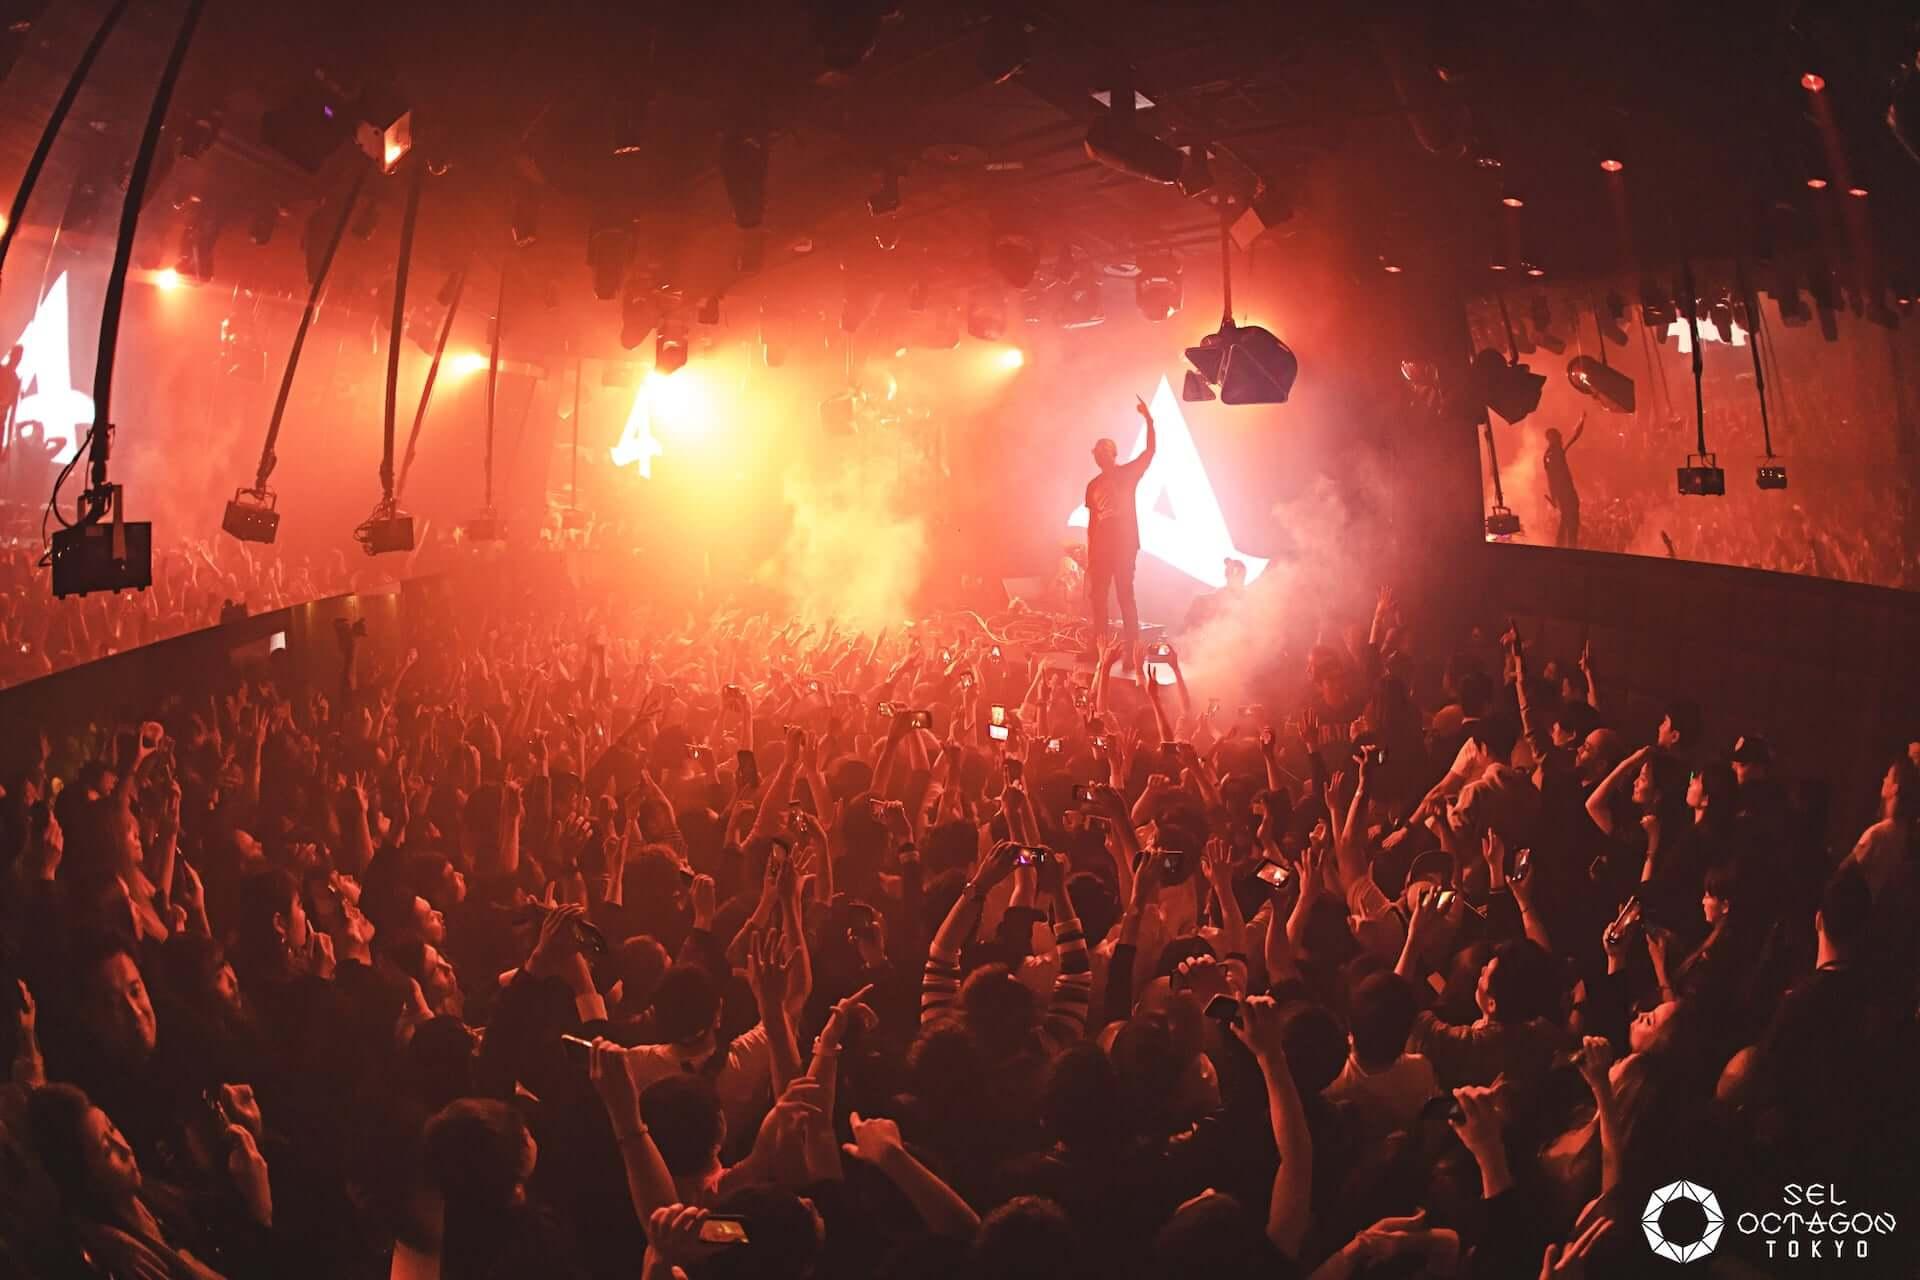 六本木SEL OCTAGON TOKYOが祝1周年!アニバーサリー・パーティーにLost Frequencies、MAKIDAI、SODAらが出演決定 music200212_seloctagon_8-1920x1280